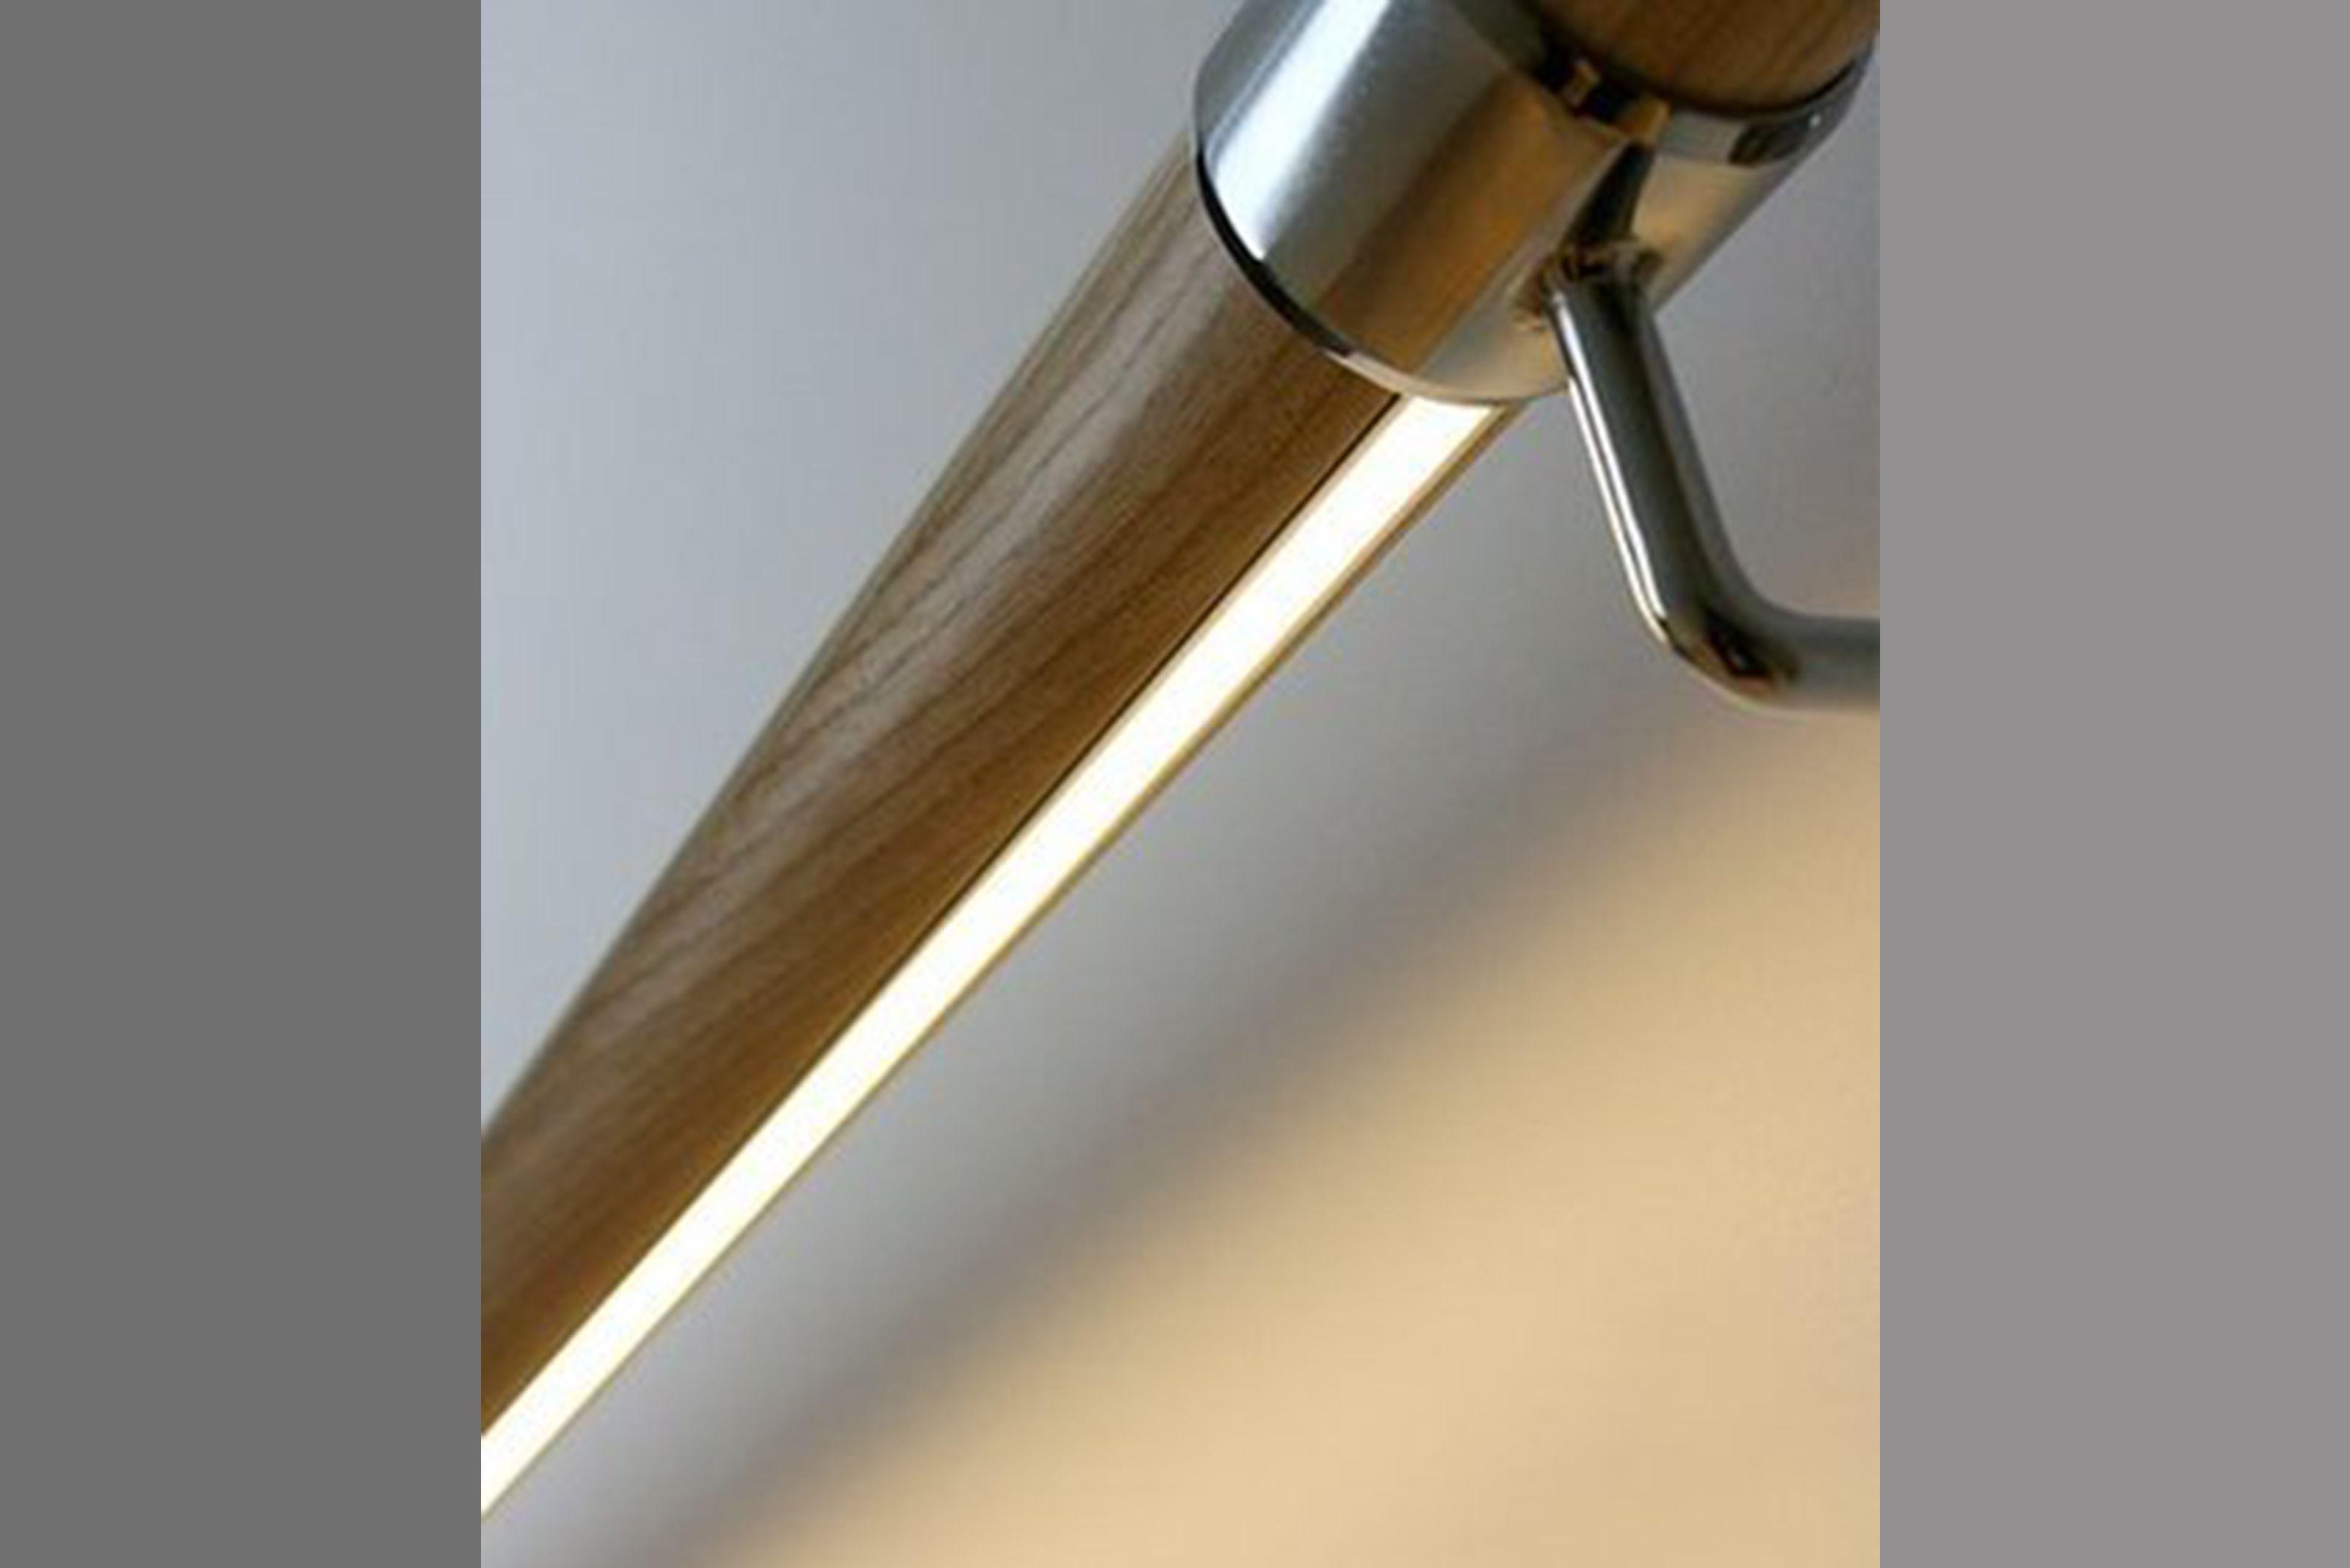 LightLine Handrail - MJ Lighting